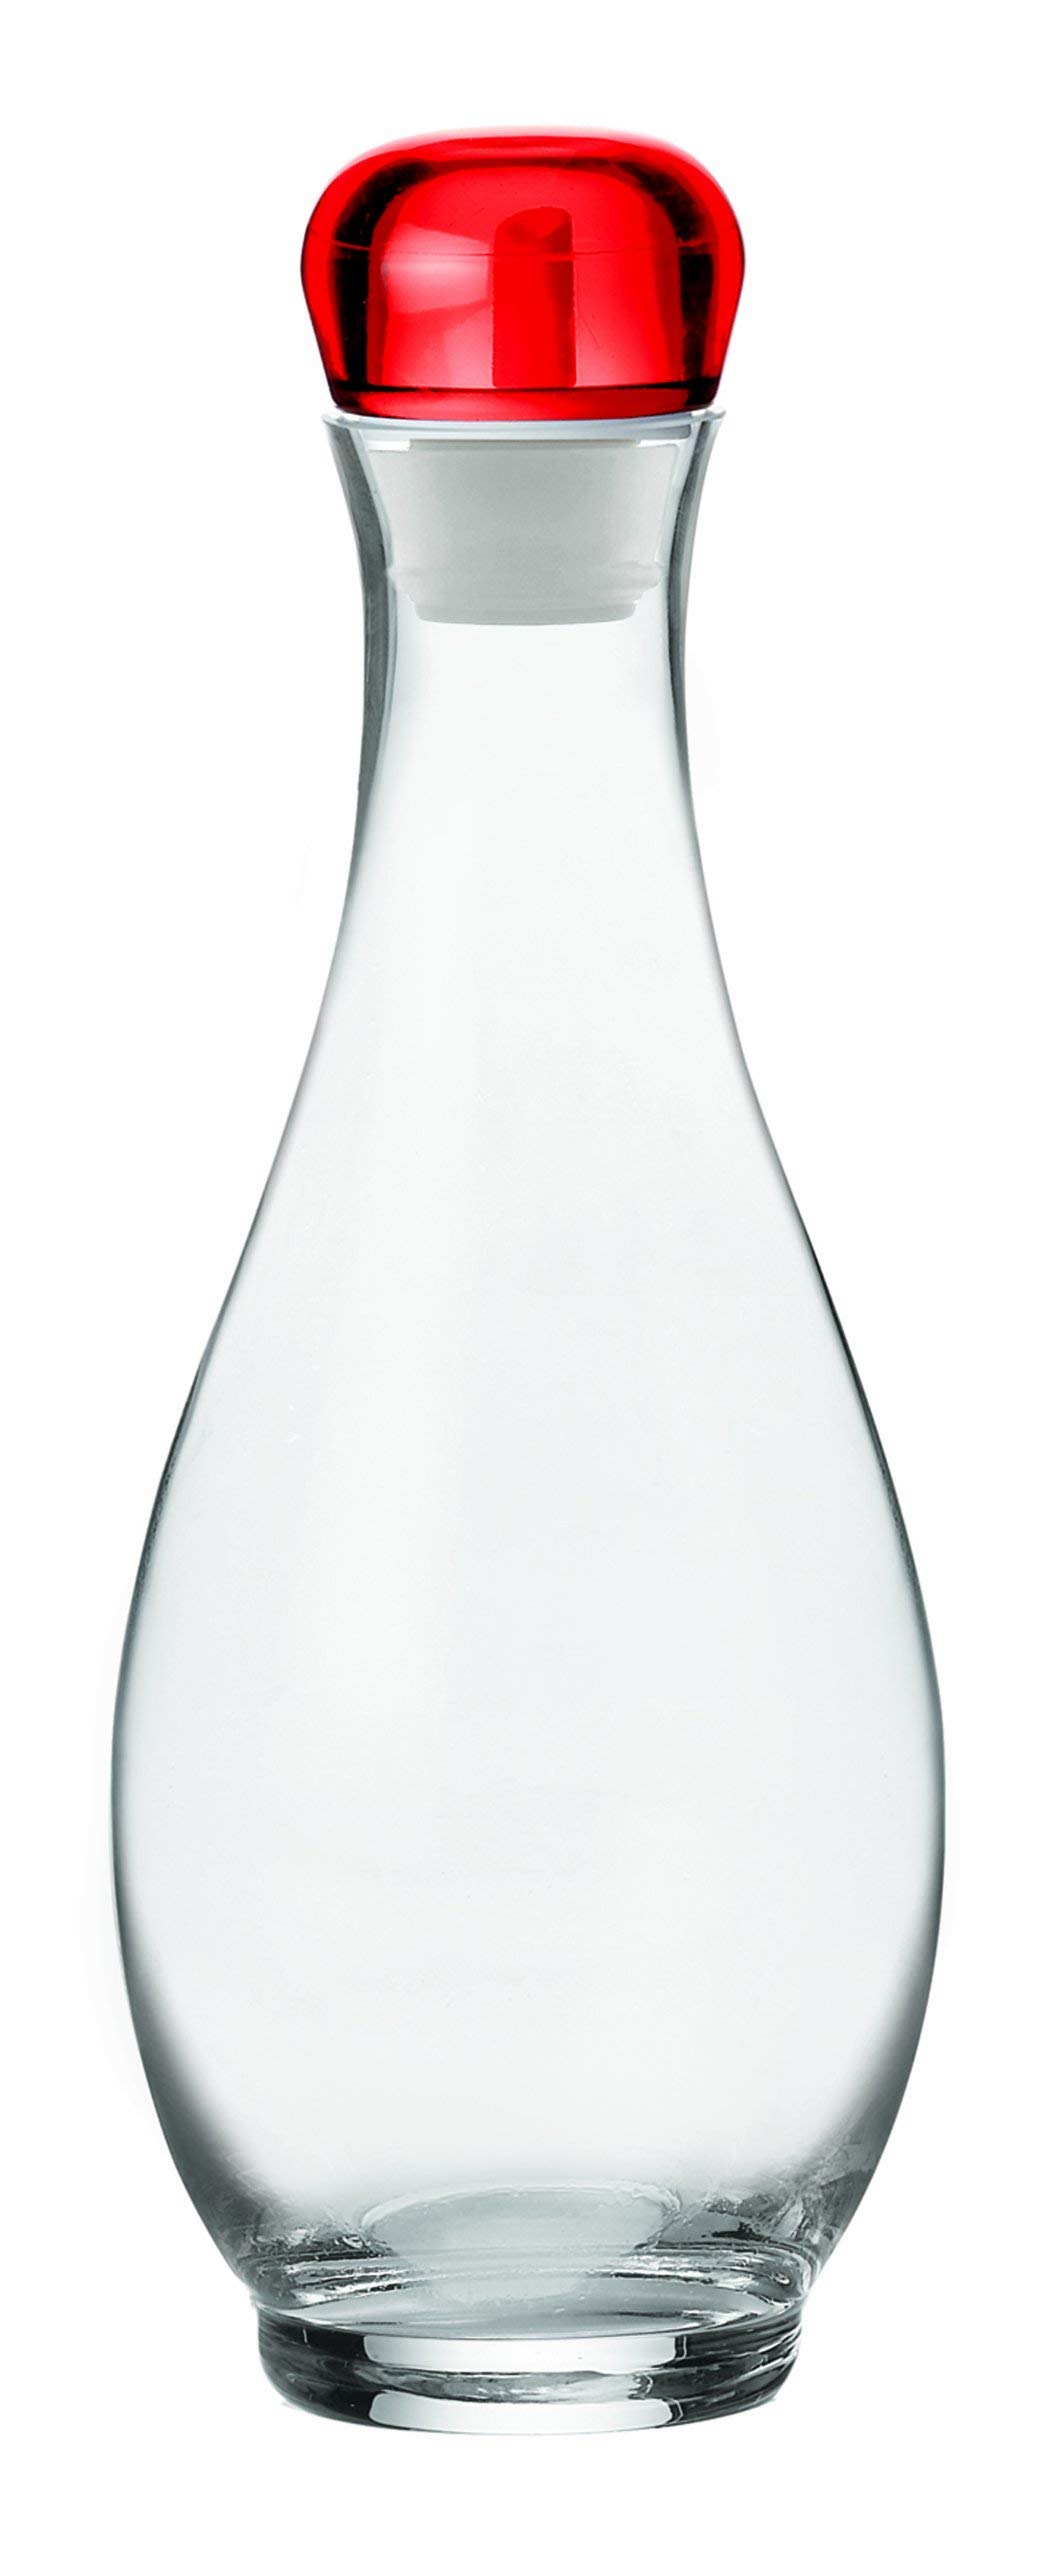 Guzzini Oil / Vinegar cruet, 33.8oz., Transparent Red by Guzzini